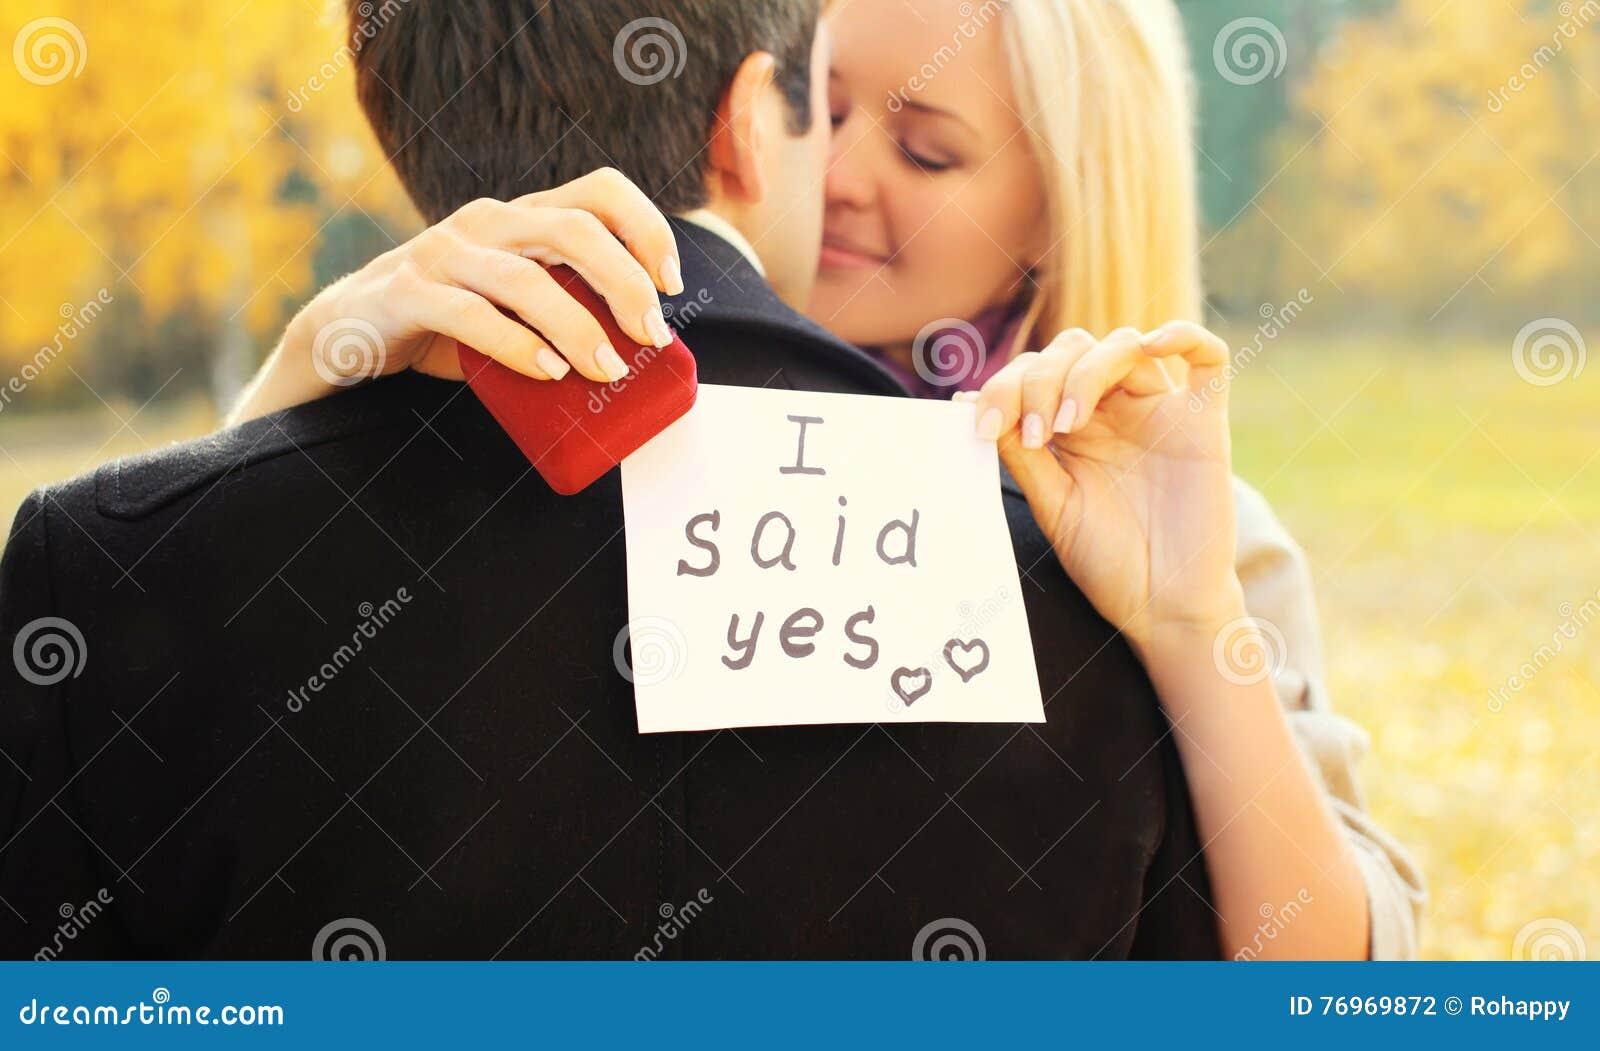 Liebe, Verhältnisse, Verpflichtungs- und Hochzeitskonzept - Mann schlägt eine Frau vor, um zu heiraten, roter Kastenring, glückli